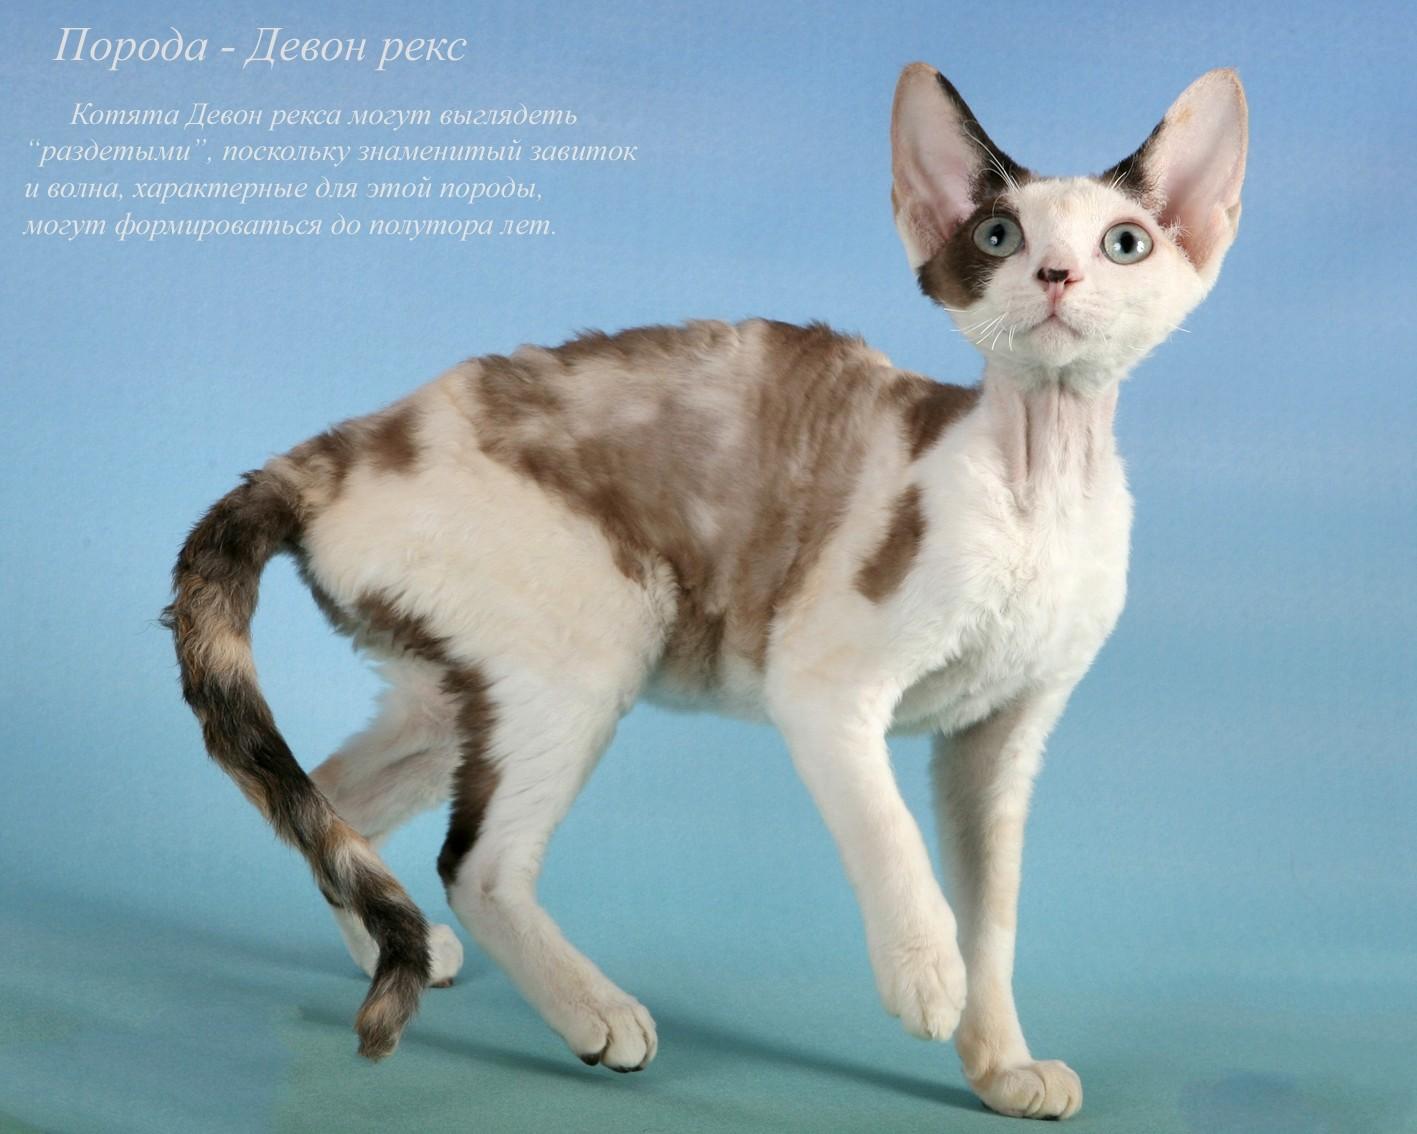 другие легенды, фото и название пород кошек всех домашних породистых это или одна